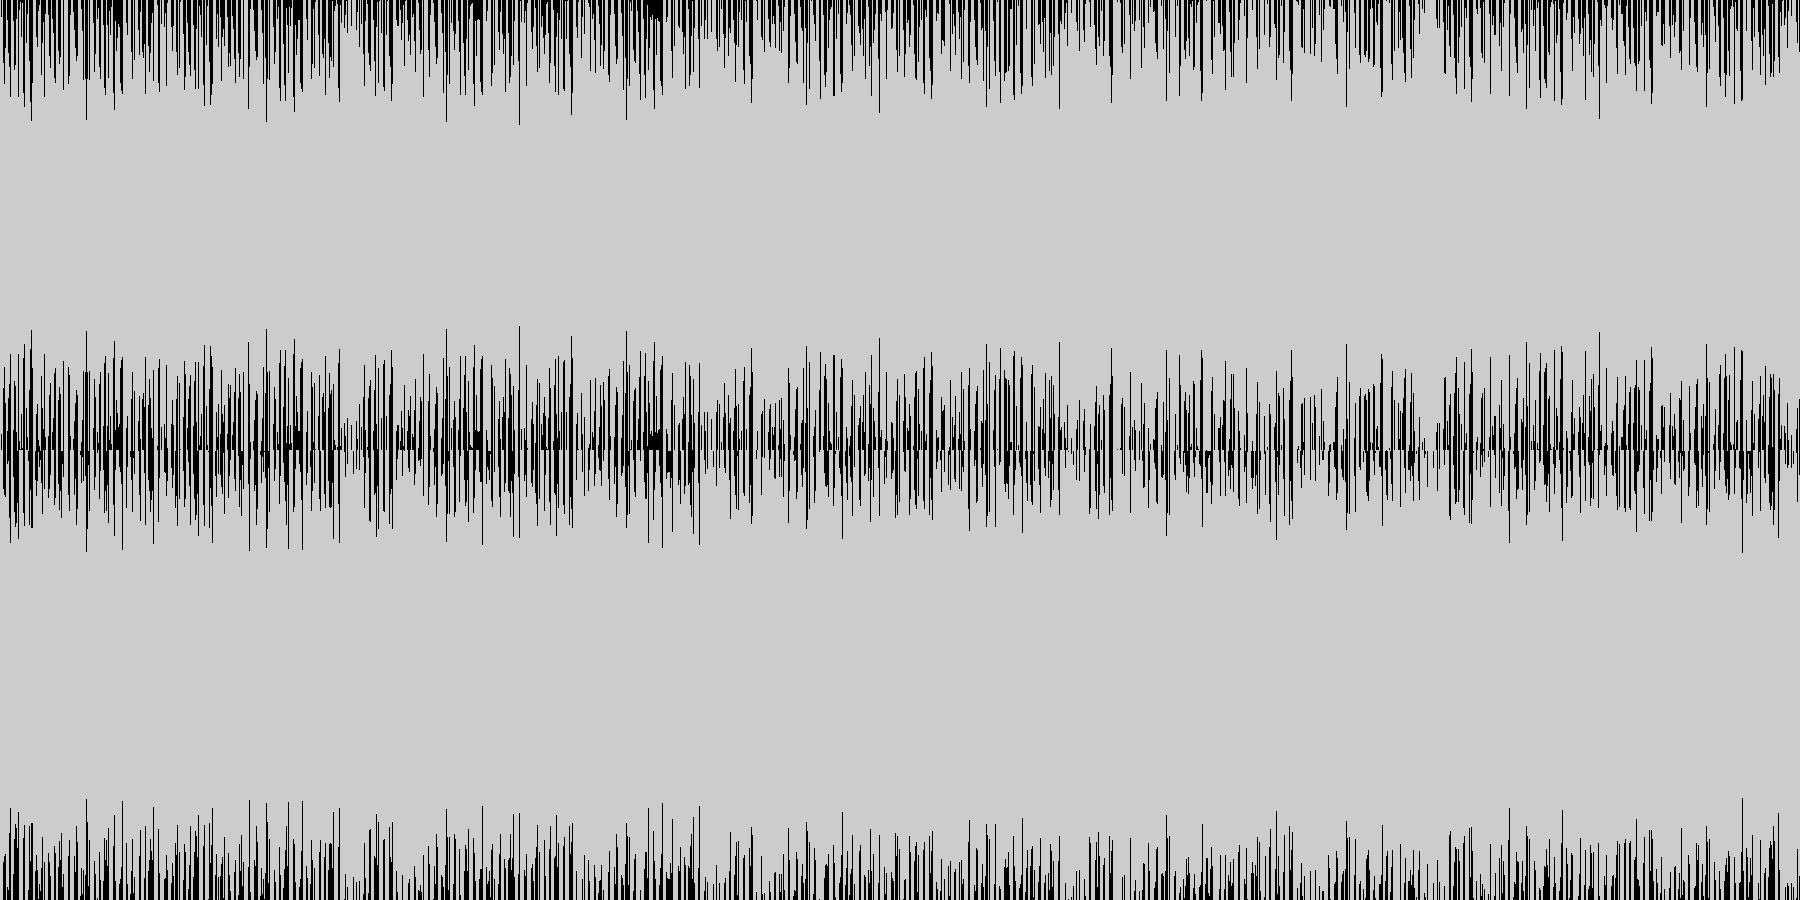 雰囲気のあるヒップホップループバージョンの未再生の波形